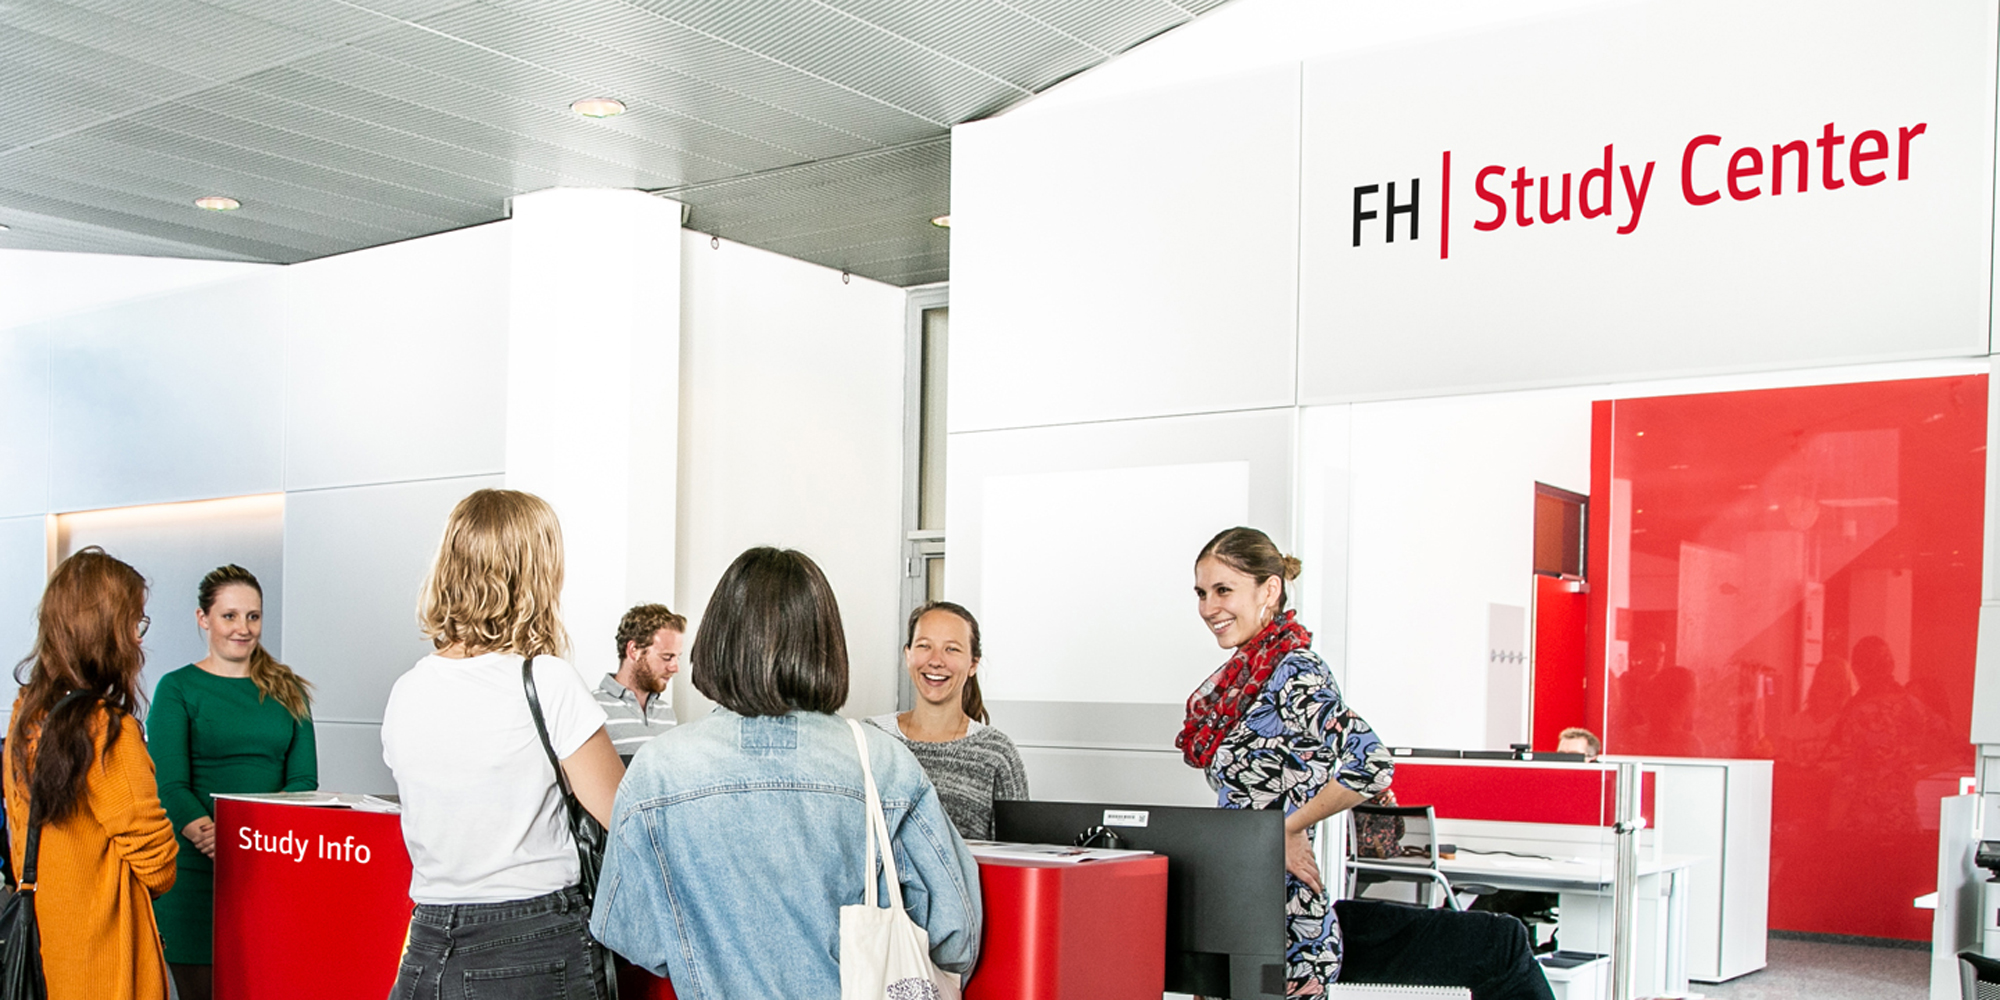 Zum Studienstart eröffnet auch das neue Study Center der FH JOANNEUM. Studierende von heute und morgen bekommen hier alle Infos.